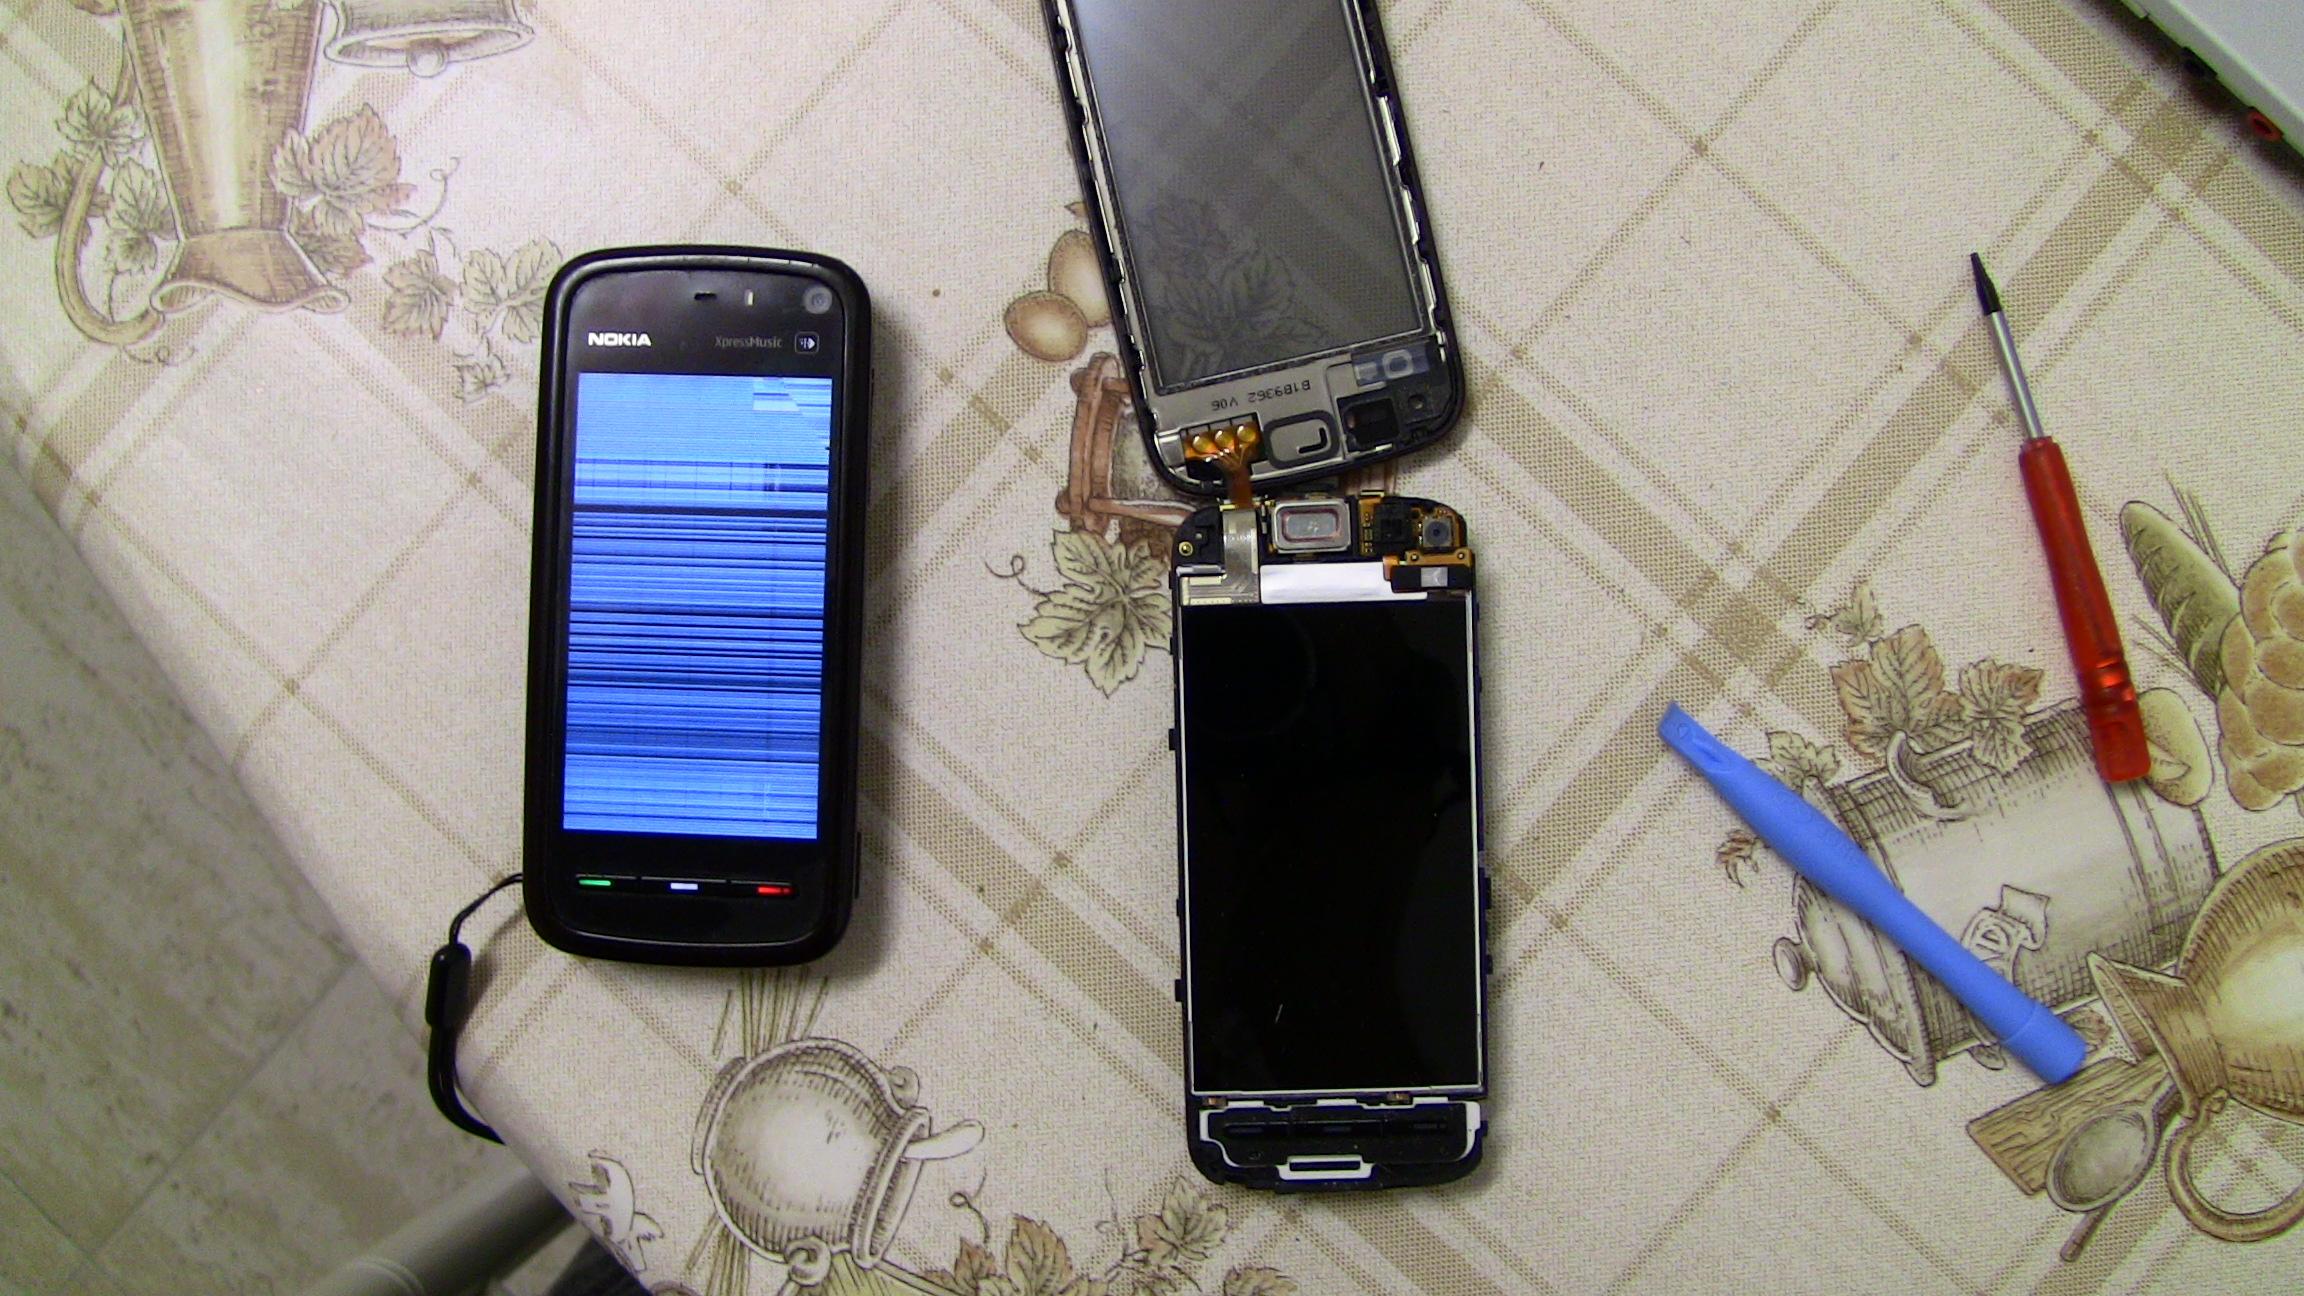 A la derecha mi movil con la pantalla rota, y a la izquierda, el movil con la pantalla bien, con la pantalla tactil retirada